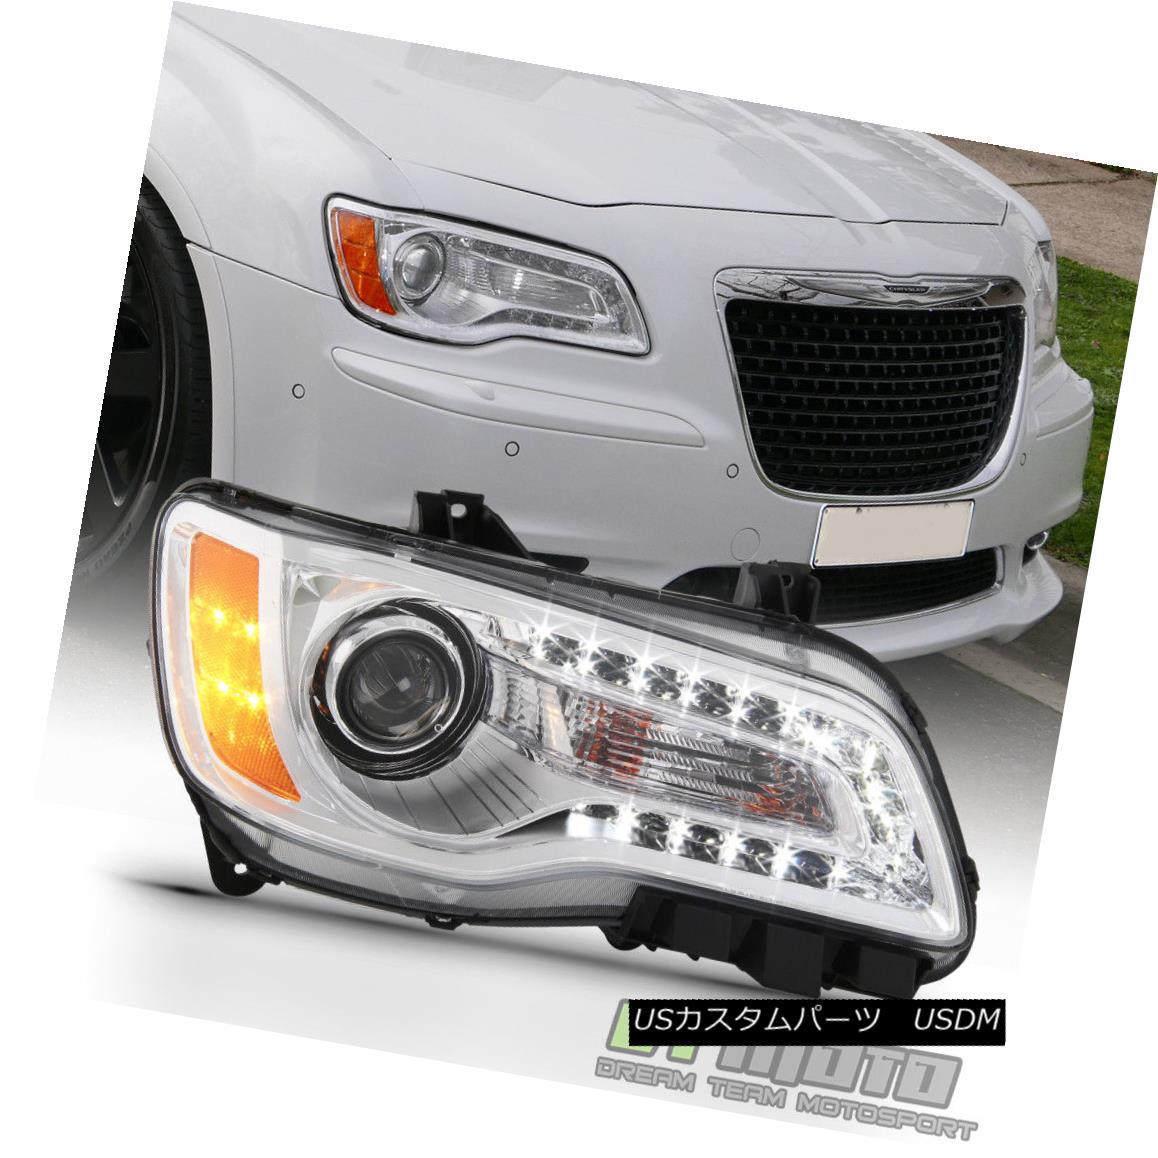 ヘッドライト 2011-2014 Chrysler 300 Halogen LED DRL Projector Right Passenger Side Headlight 2011-2014クライスラー300ハロゲンLED DRLプロジェクター右乗員サイドヘッドライト